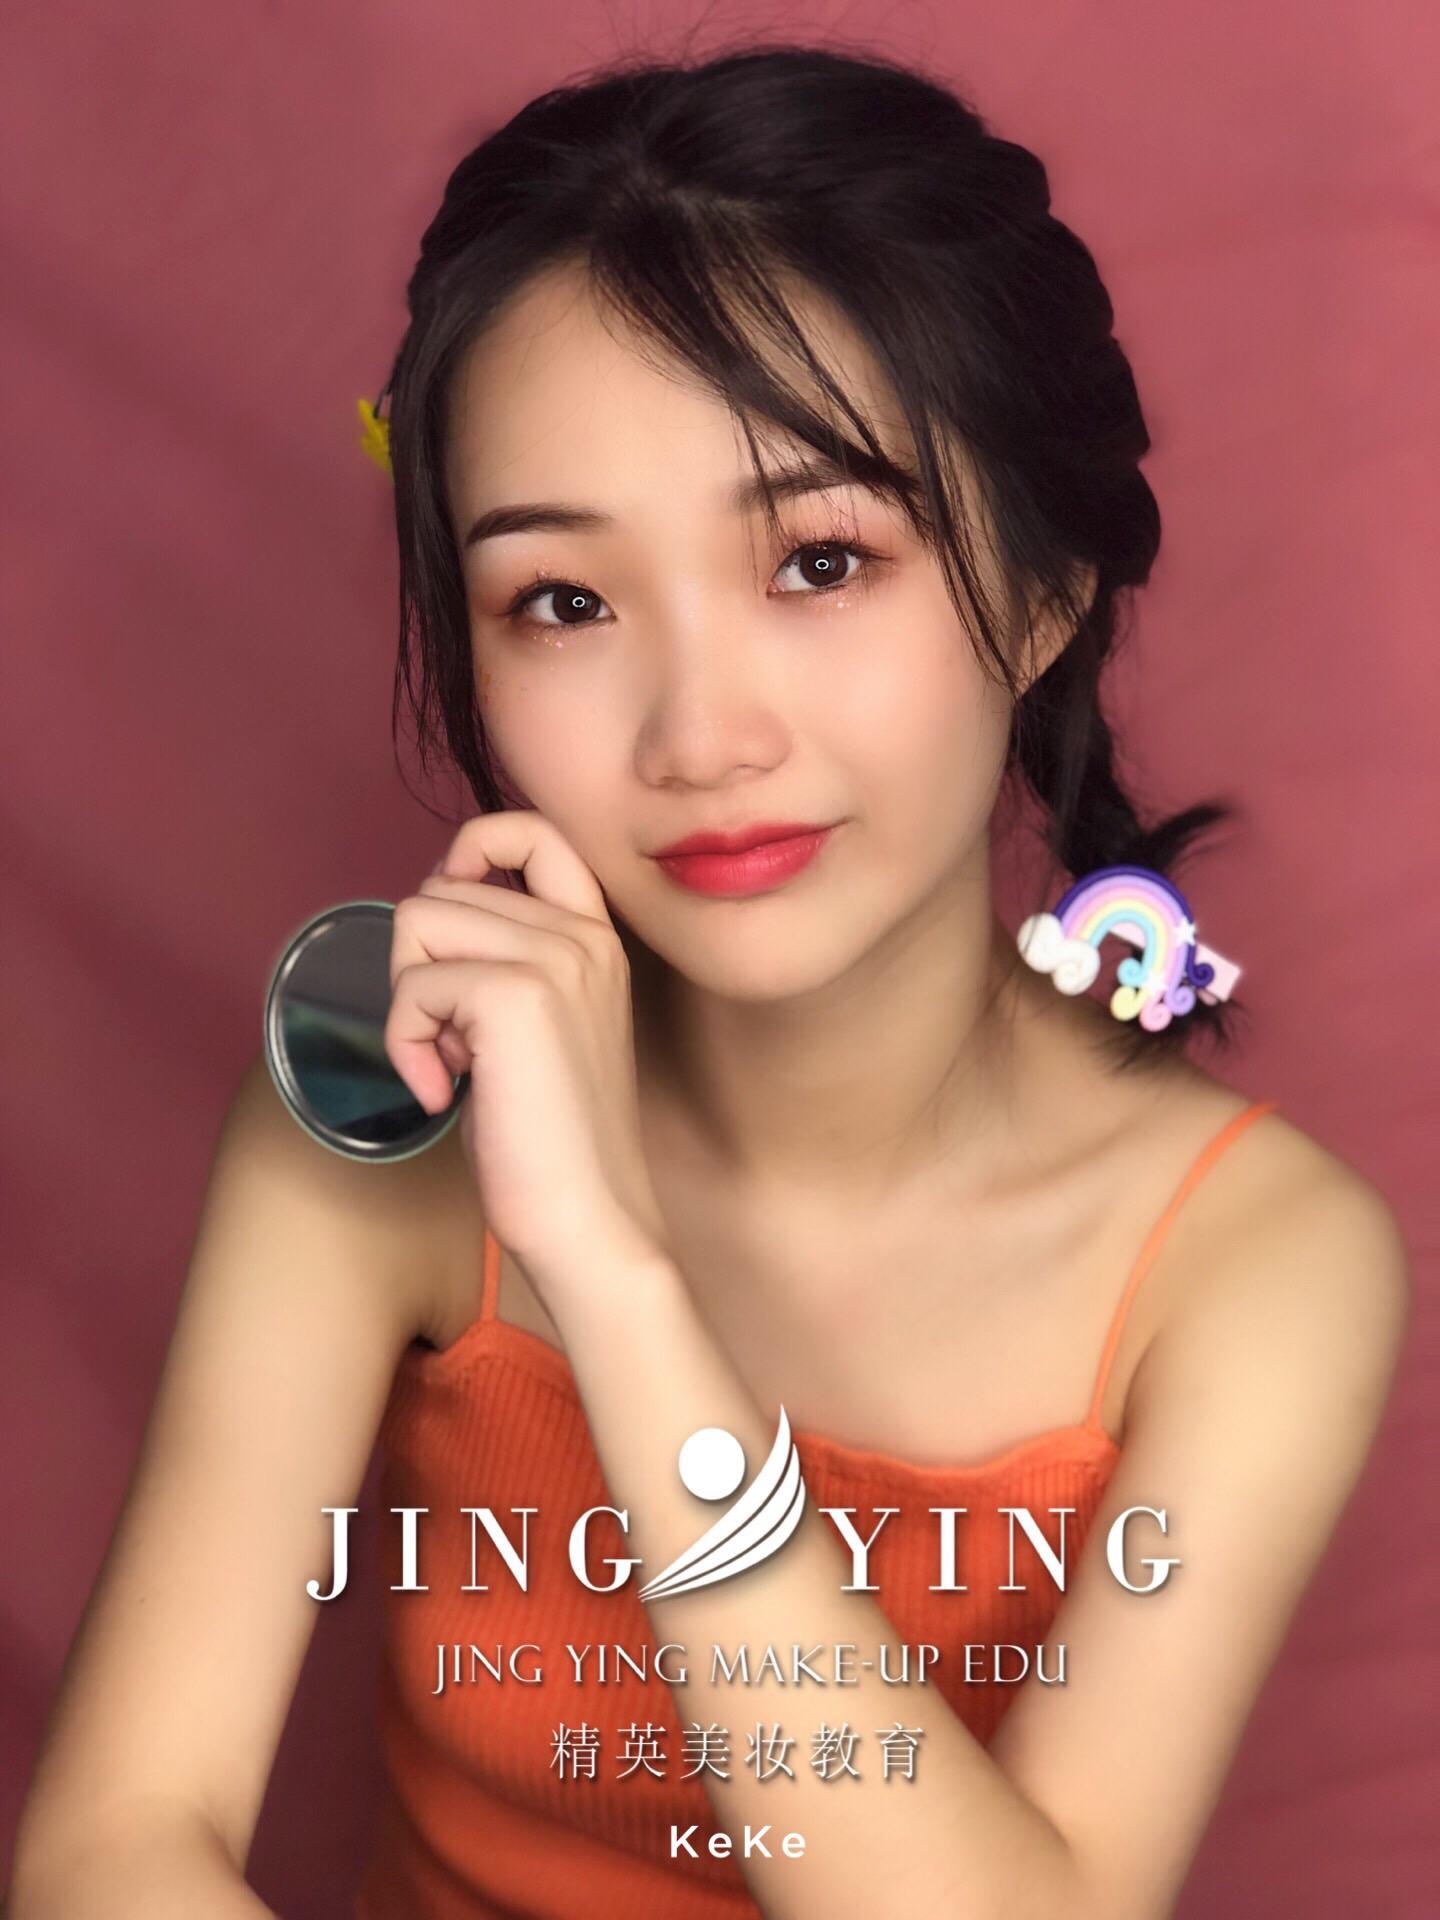 少女妆容造型化妆作品图片6